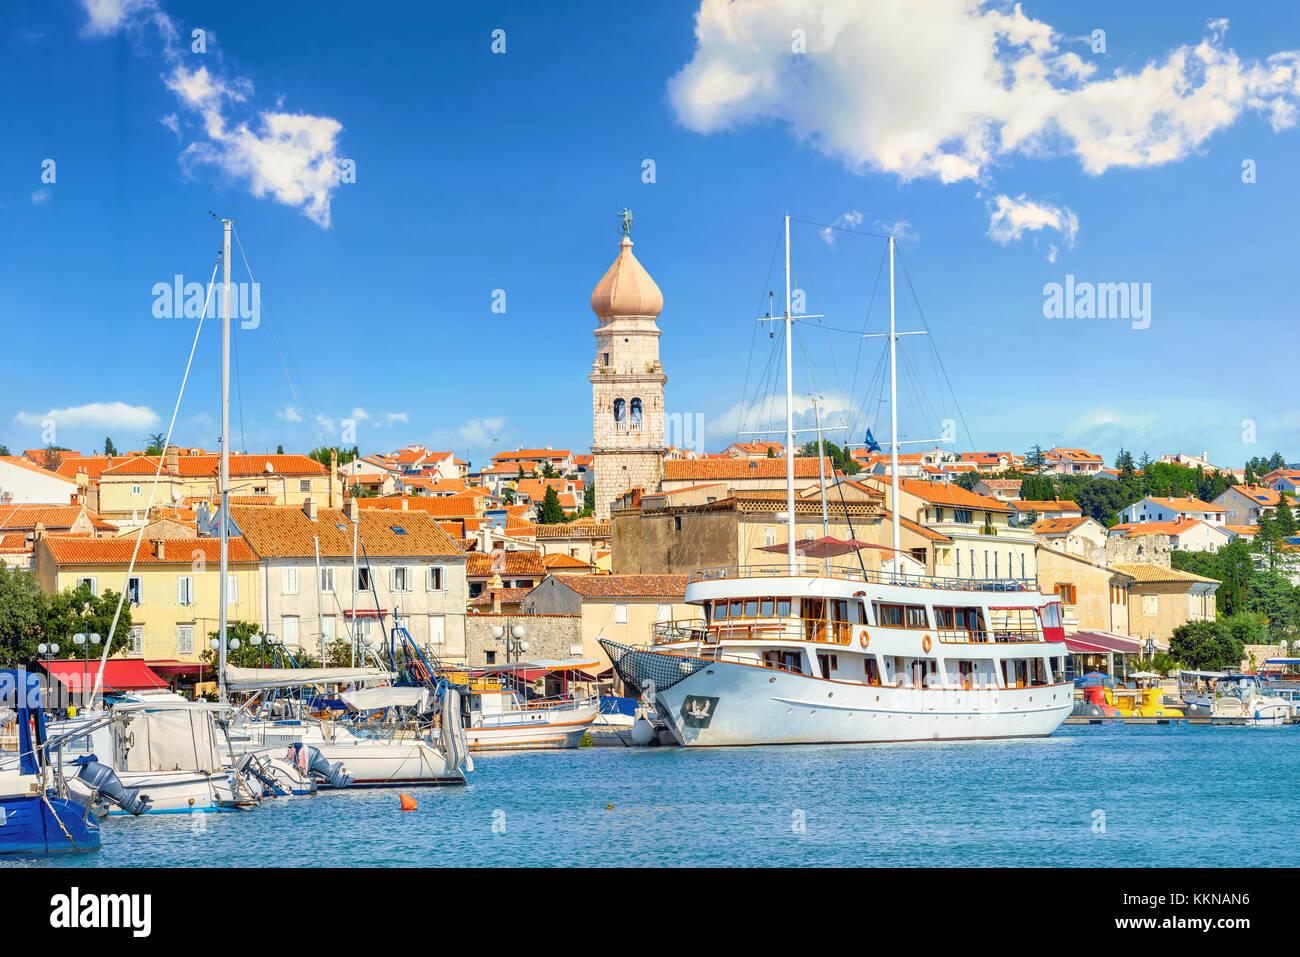 View of mediterranean coastal old town Krk, Island Krk, Croatia - Stock Image